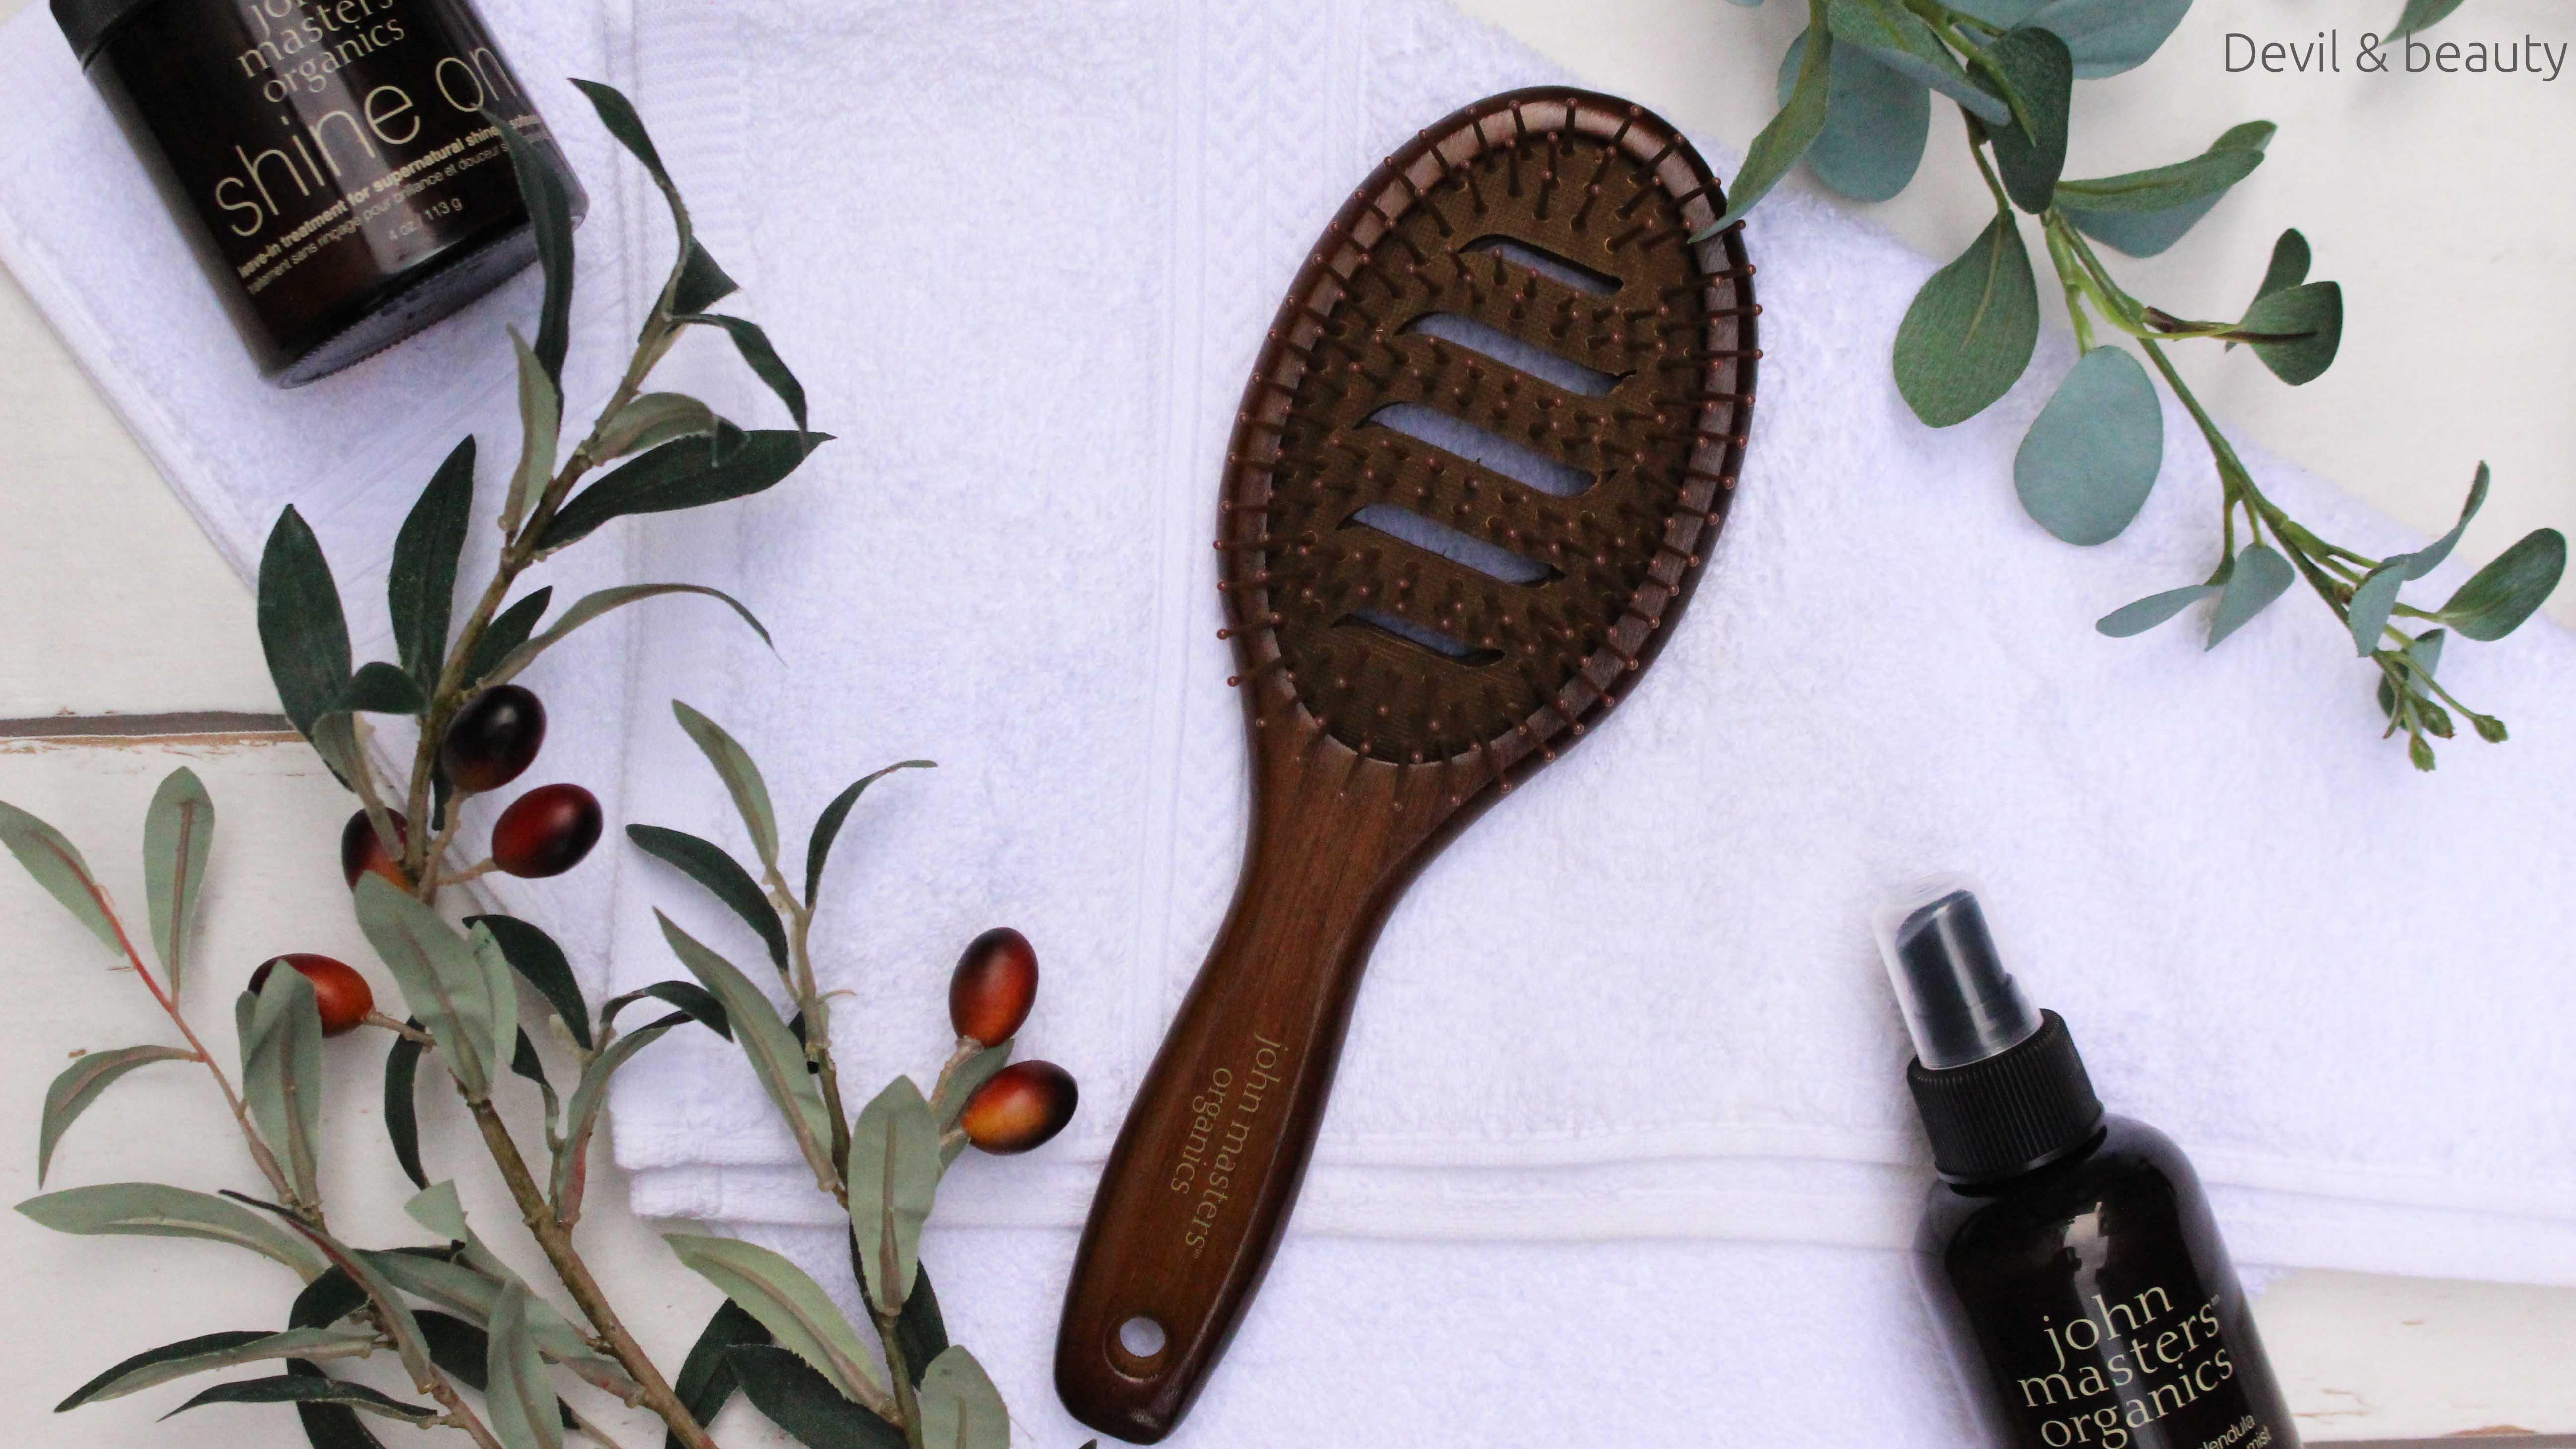 john-masters-vented-paddle-brush9 - image